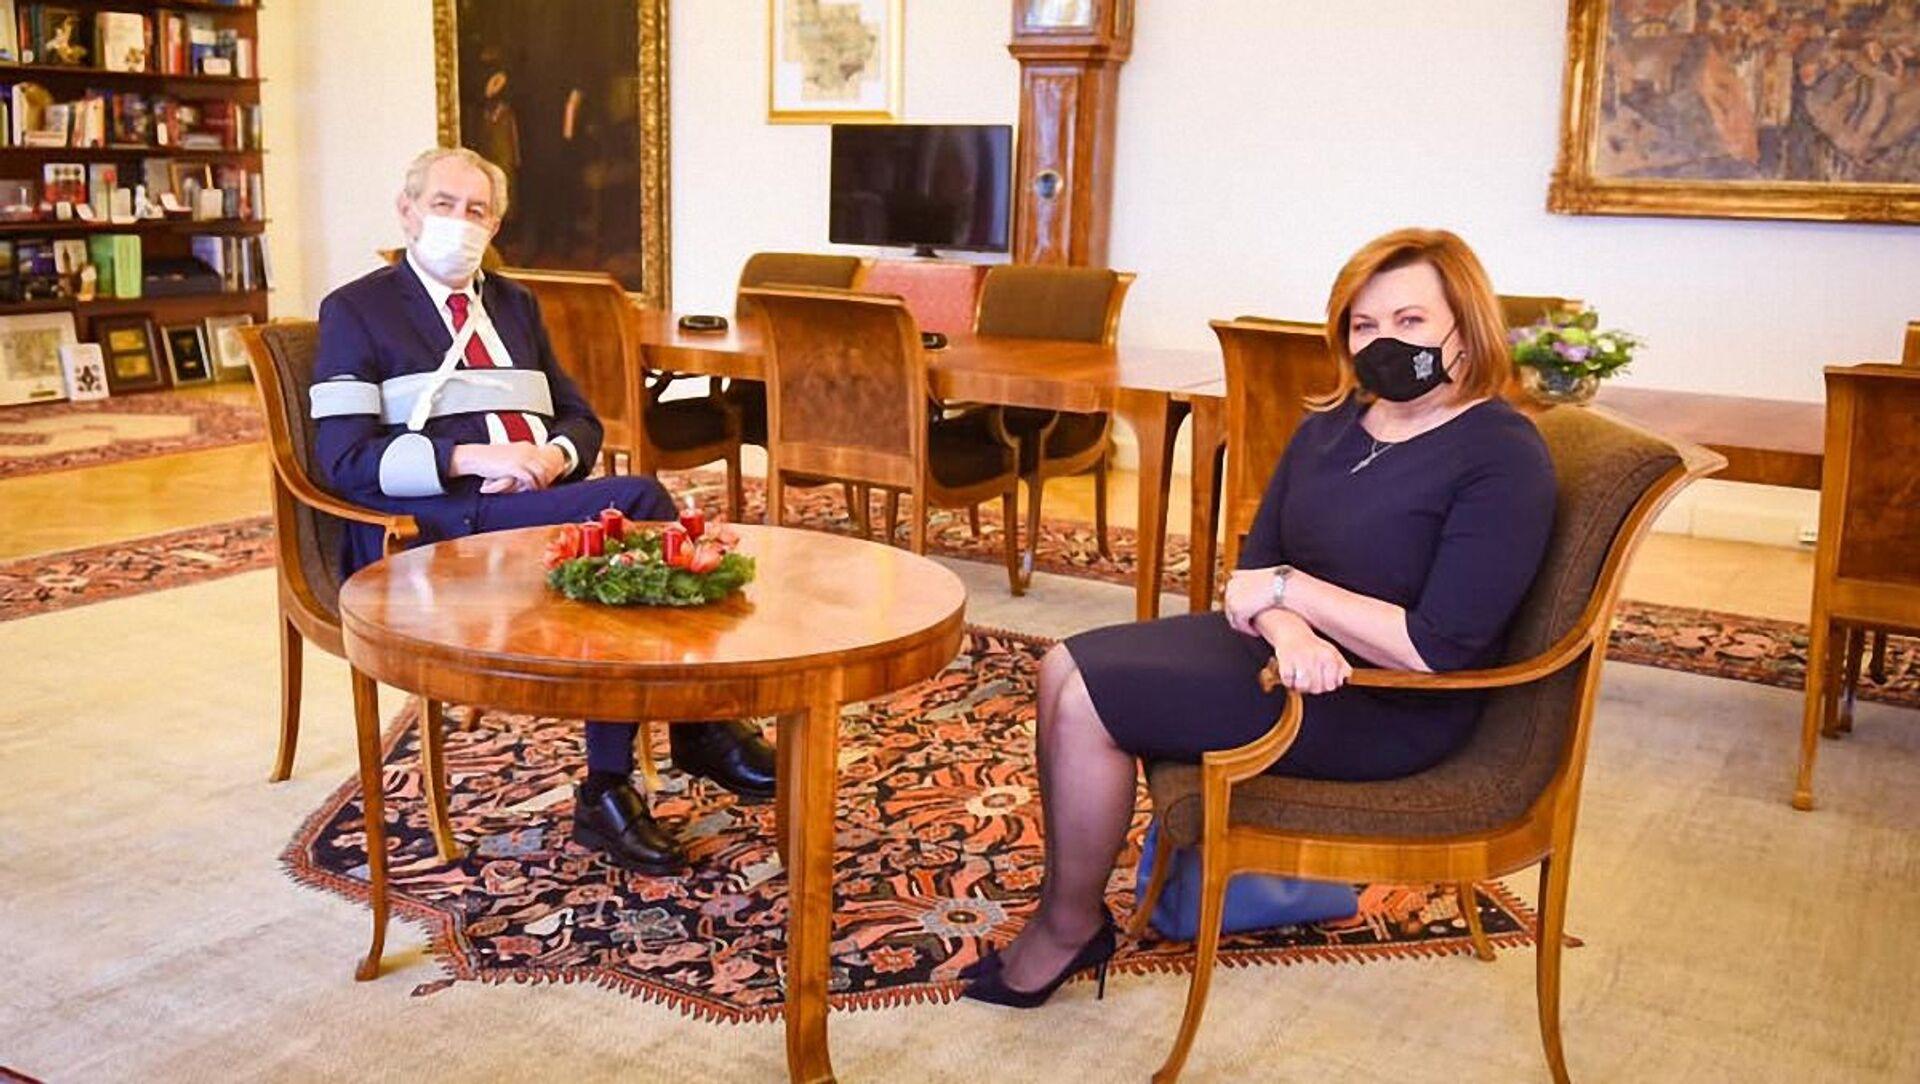 Schůzka prezidenta Miloše Zeman s ministryní financí Alenou Schillerovou na Pražském hradě - Sputnik Česká republika, 1920, 23.02.2021